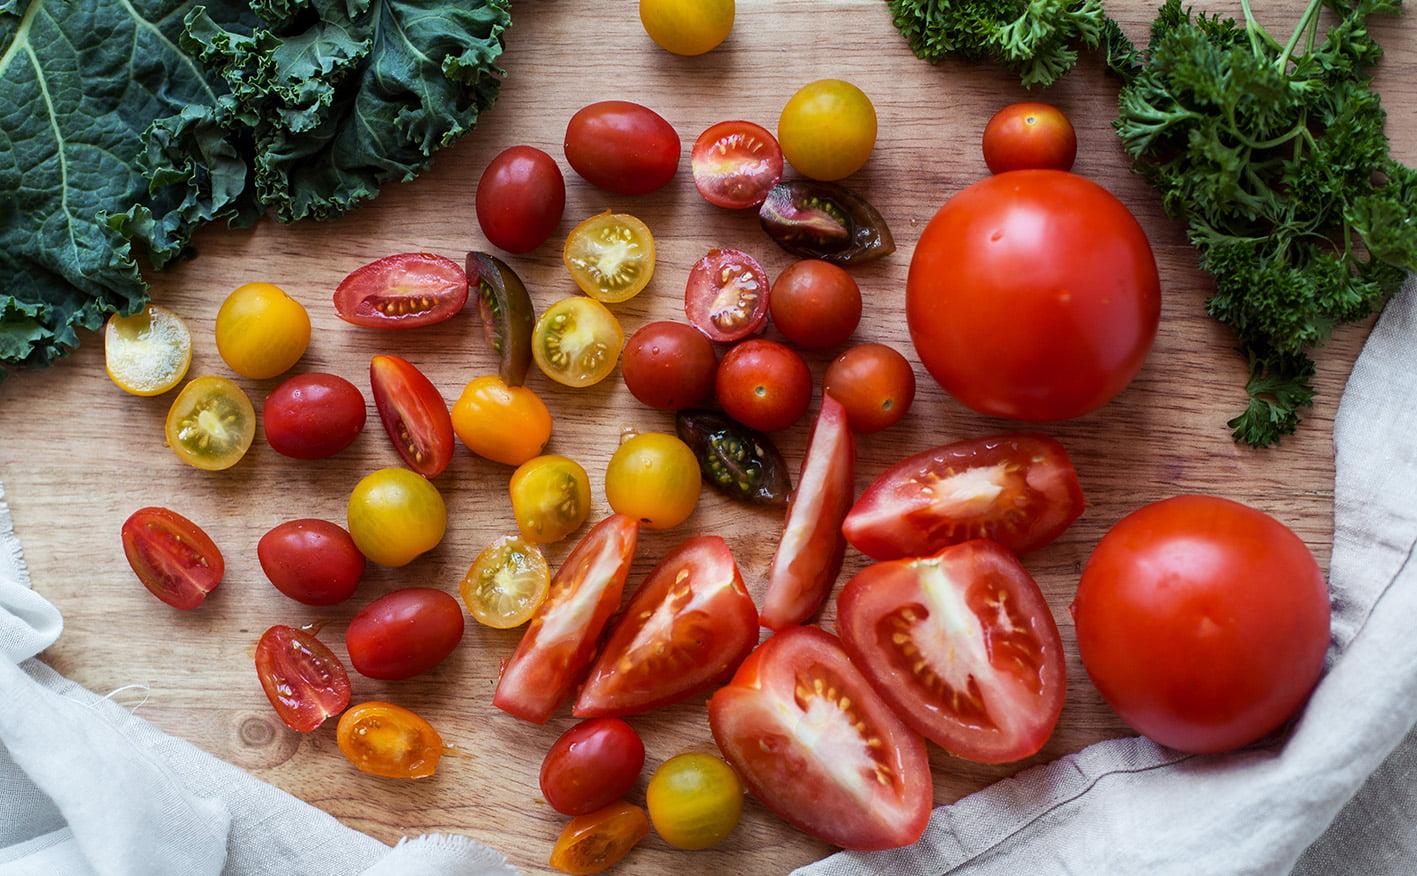 Kuvassa on puulaudalla erilaisia tomaatteja.